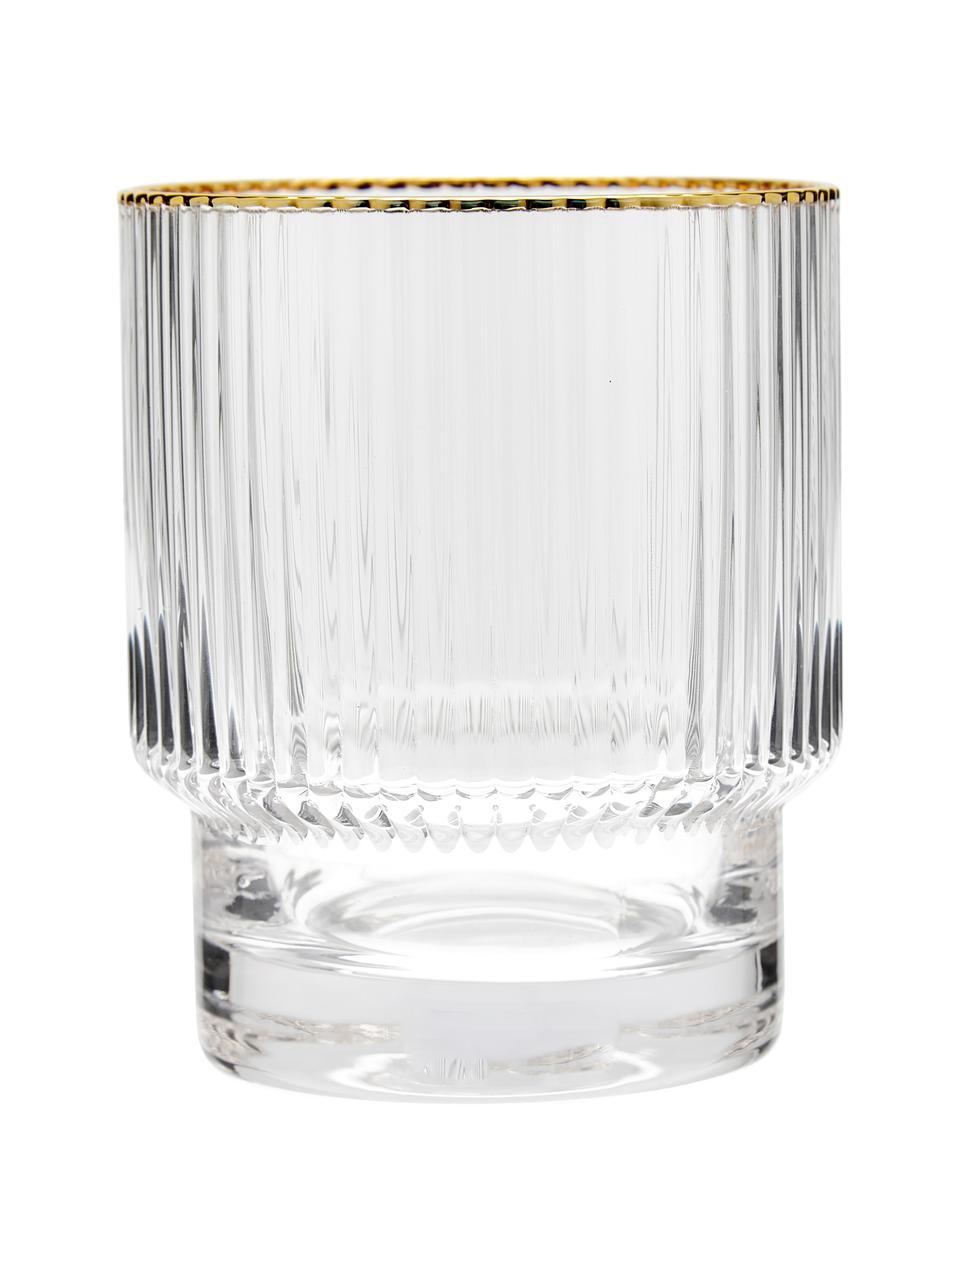 Verre à eau avec bord doré Minna, 4pièces, Transparent, couleur dorée